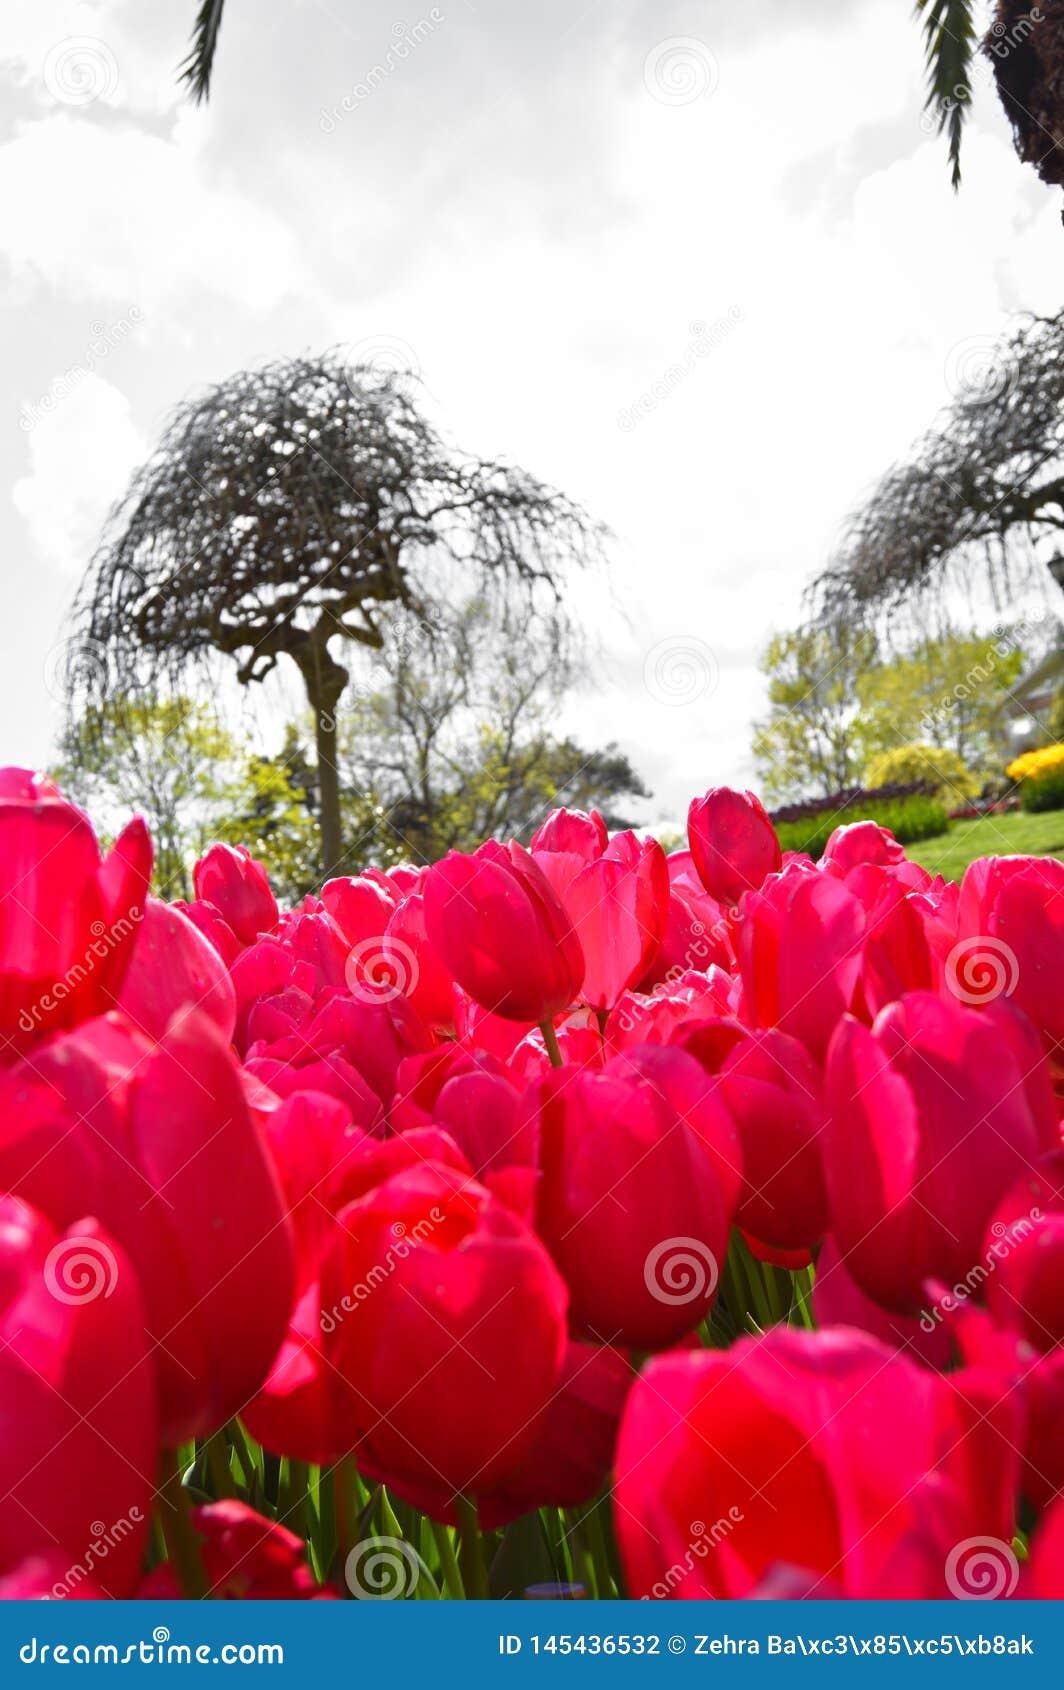 Tulipanes espectaculares rojos en la primavera